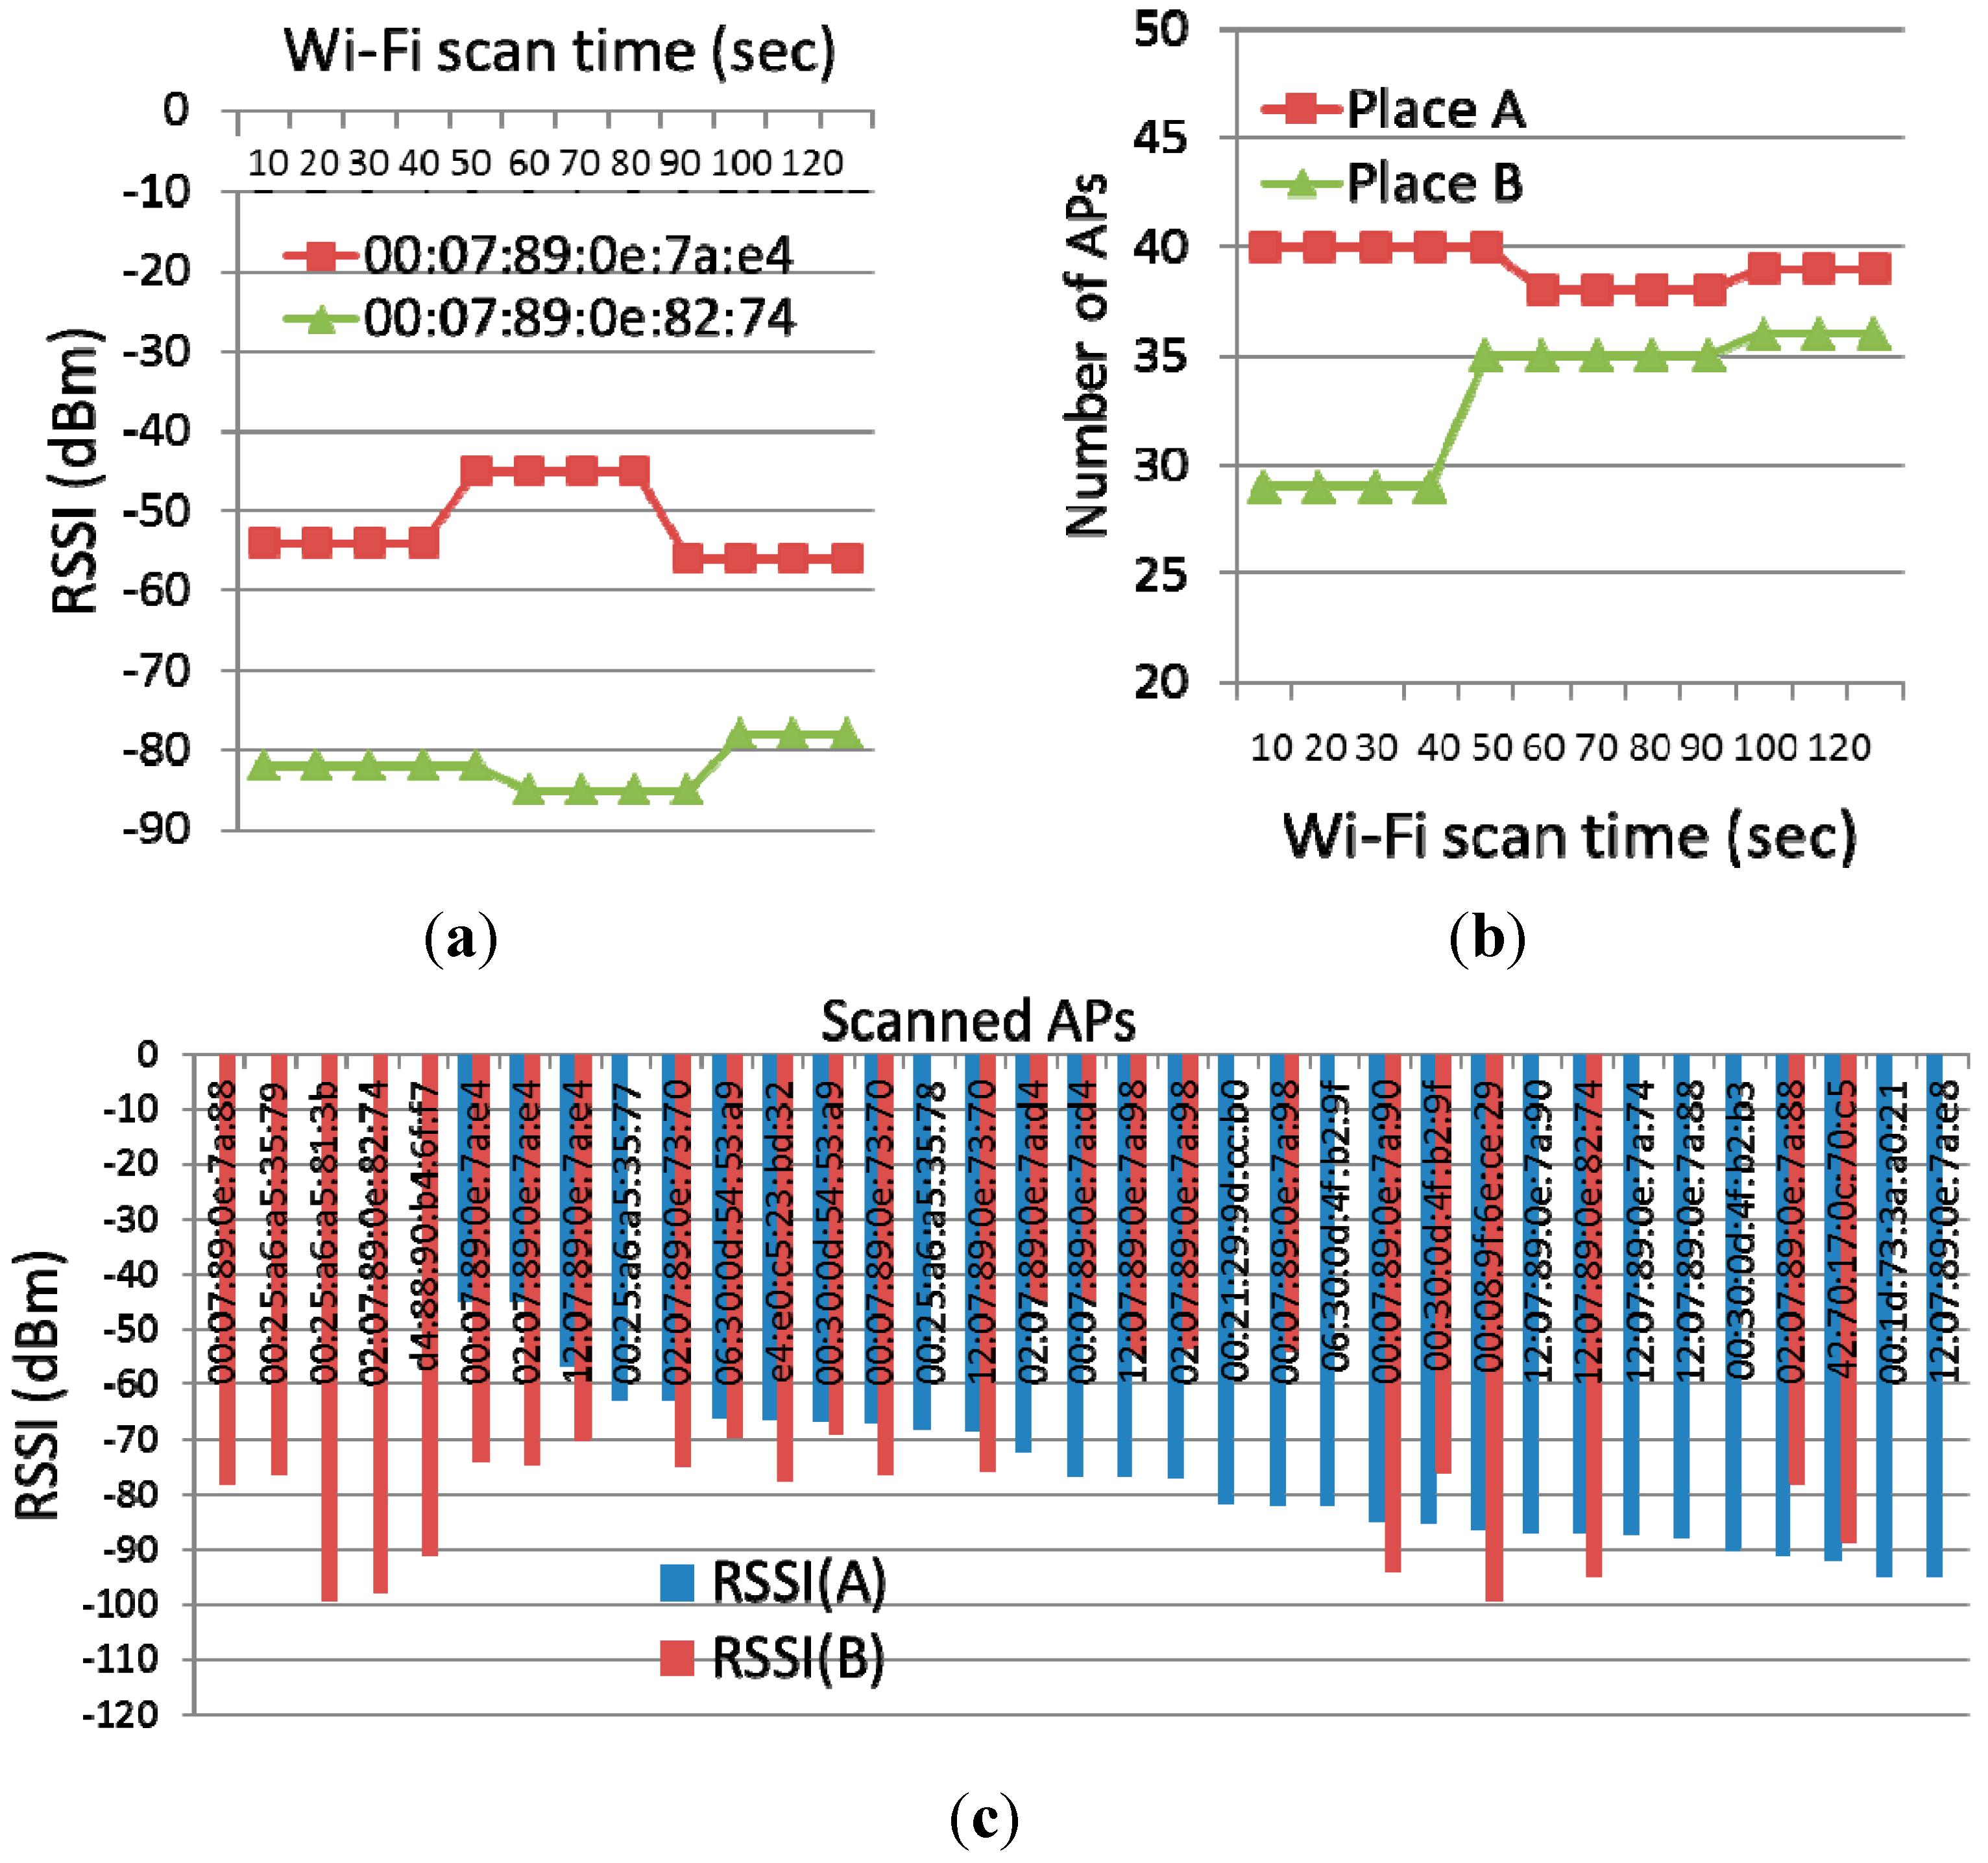 thermal imaging report template - sensors free full text visitsense sensing place visit